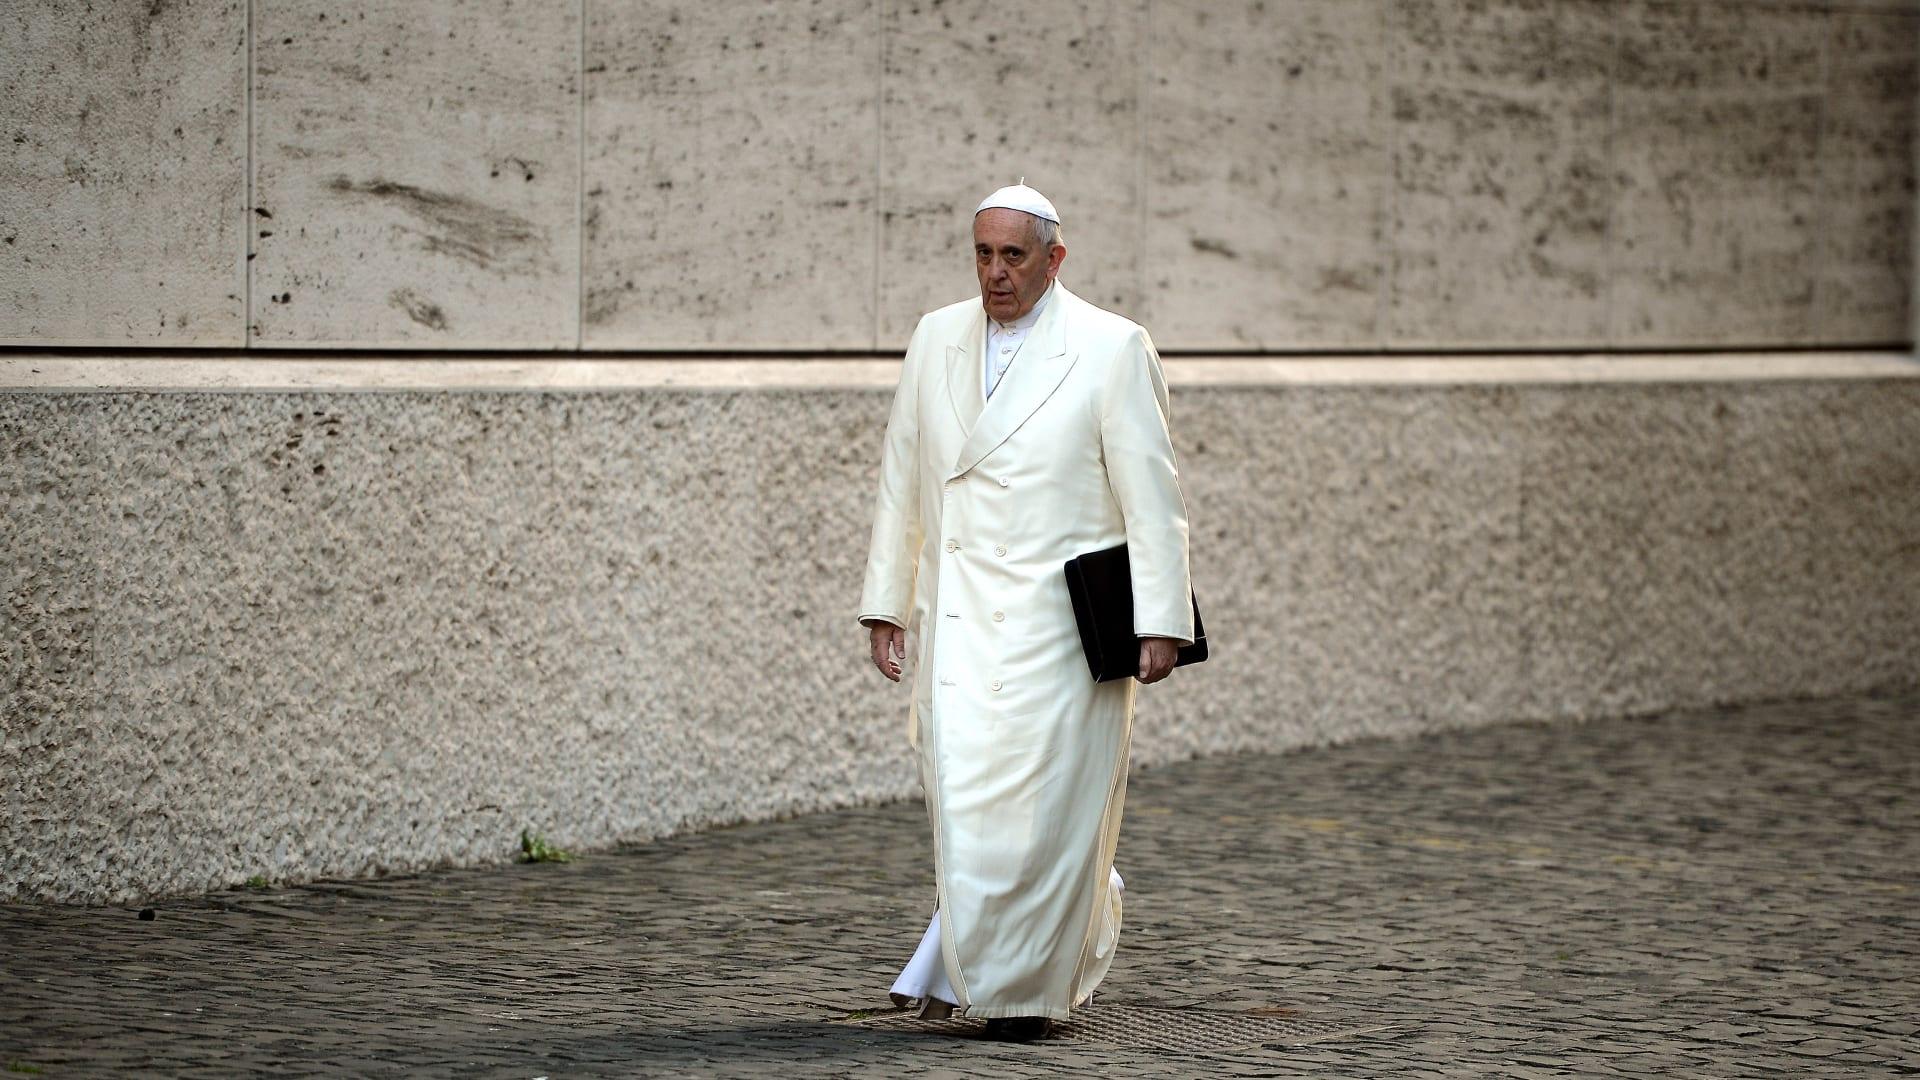 شاهد.. بابا الفاتيكان يغسل أقدام مساجين غير كاثوليك